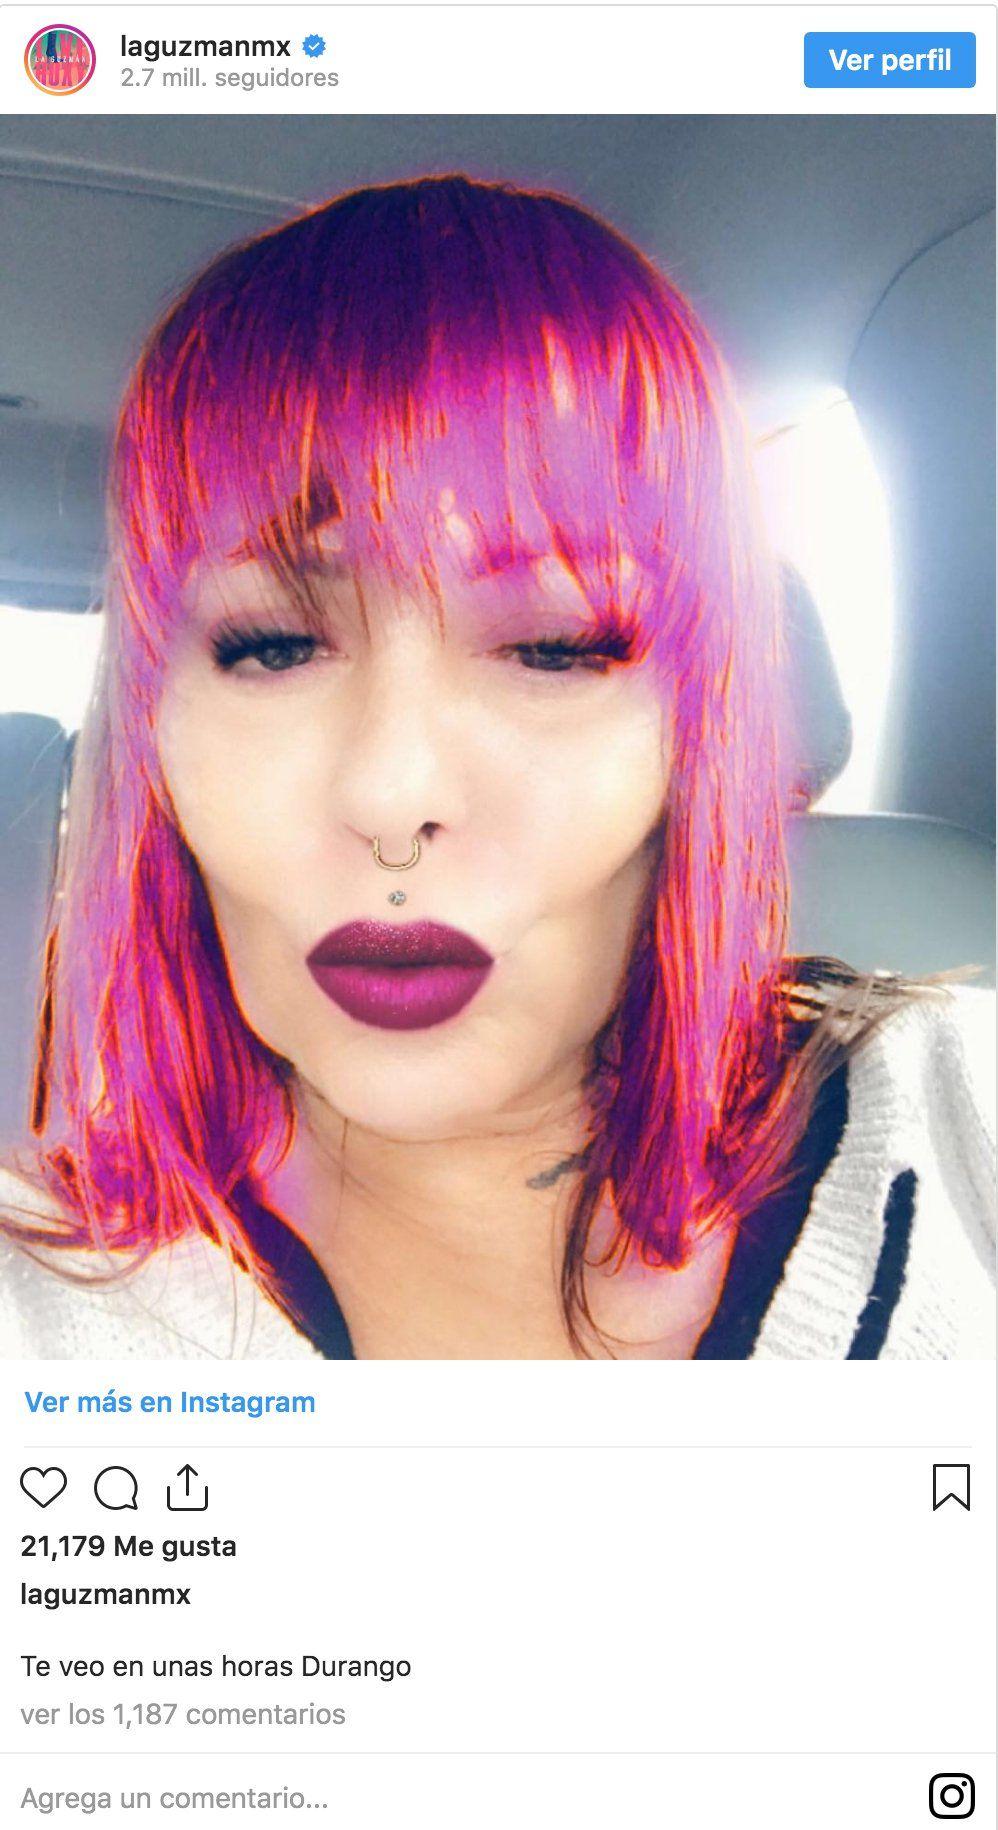 Alejandra Guzmán deja boquiabiertos a sus fans por aterrador rostro